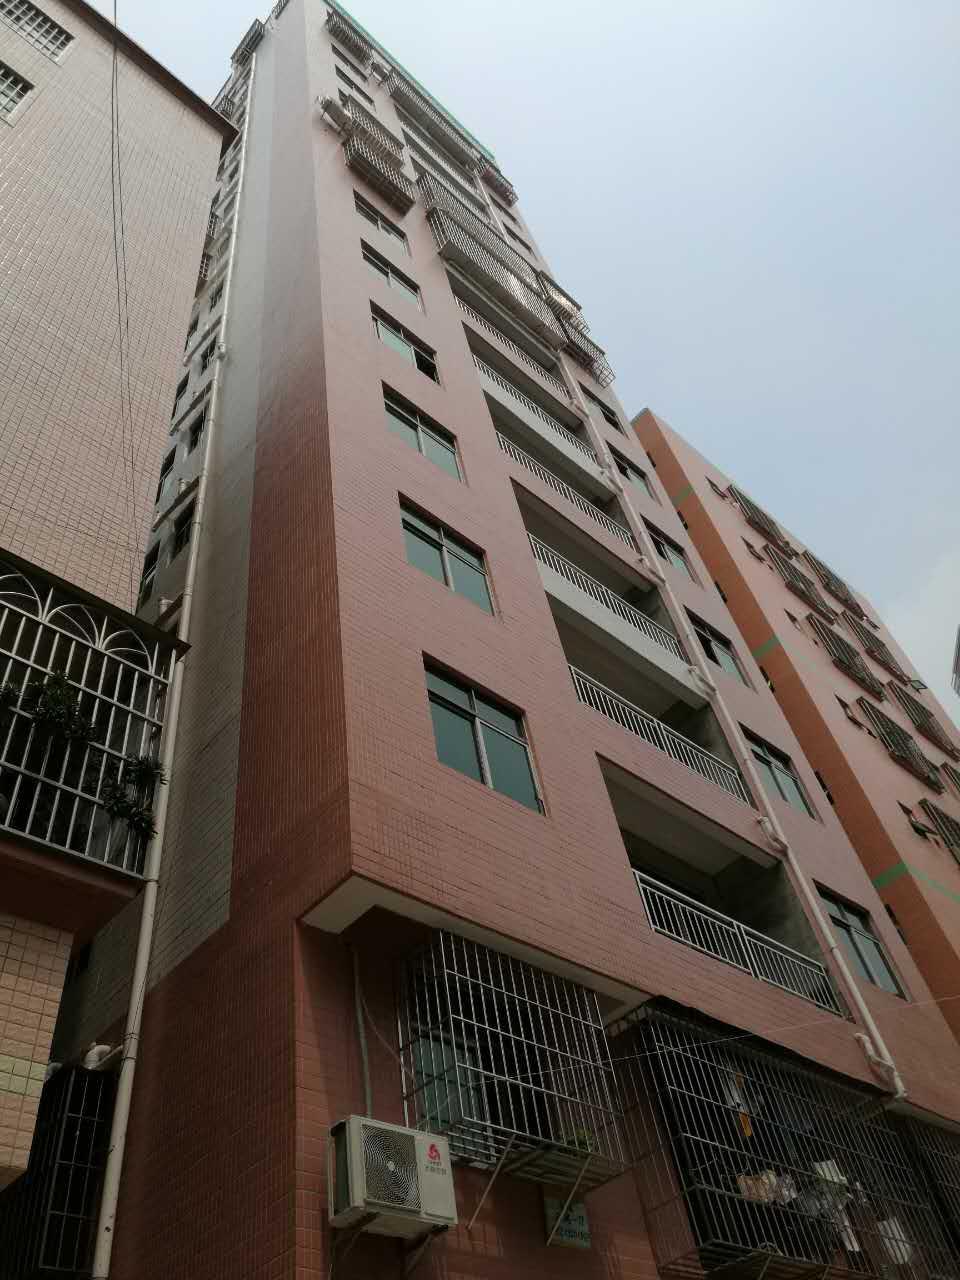 马山头小产权三房90平米43万,最便宜的笋盘 三房二厅 第8张